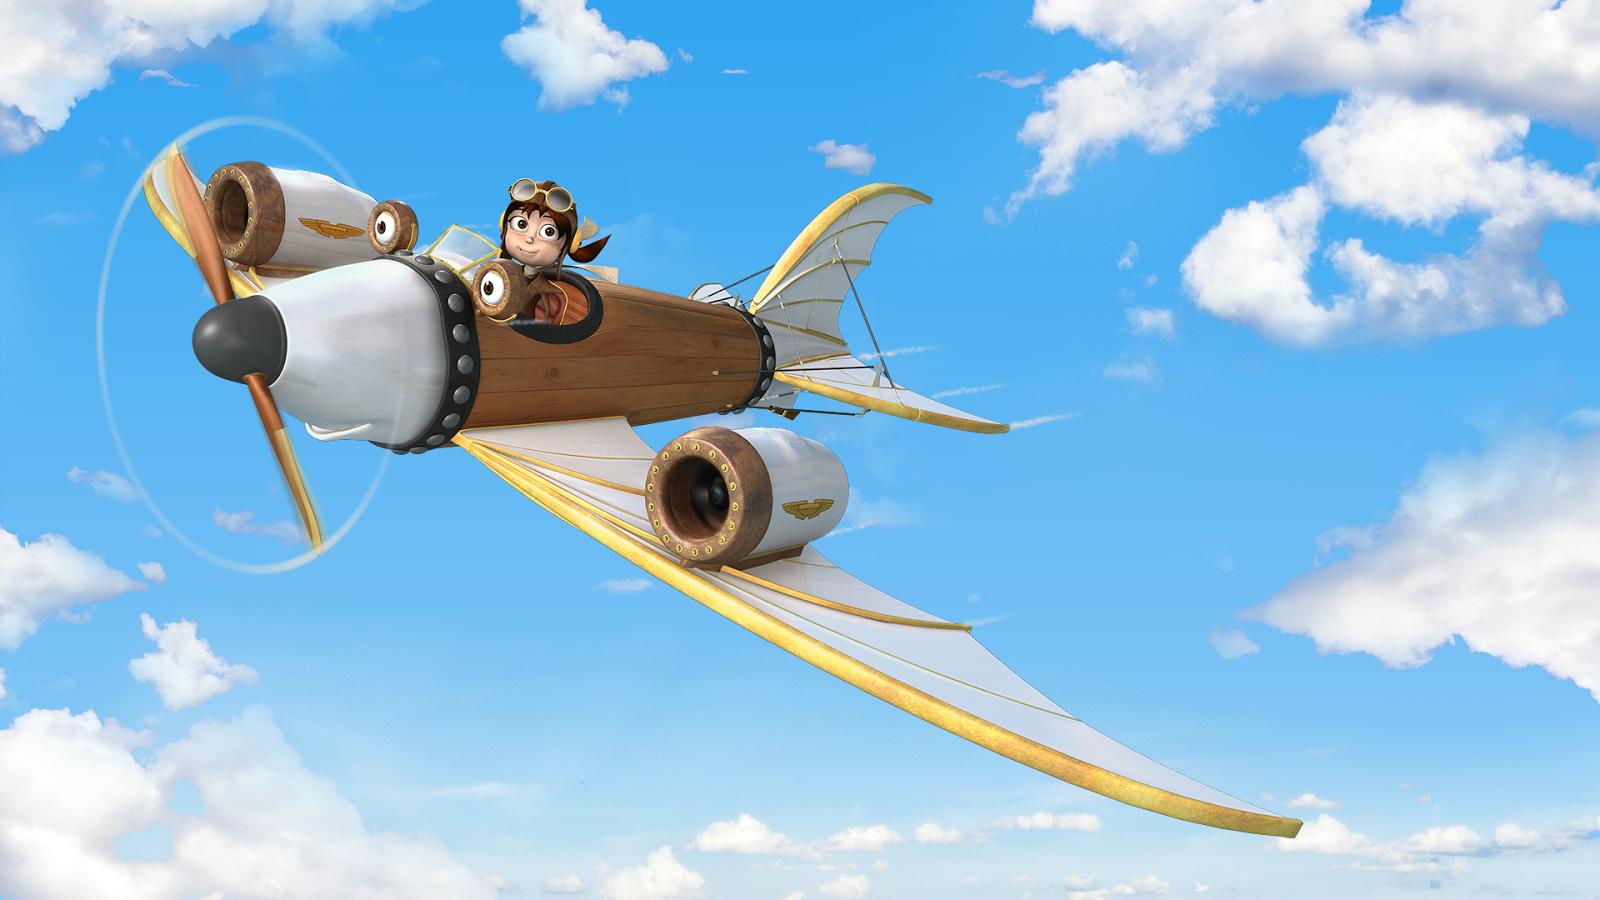 PlaneJane: Plane